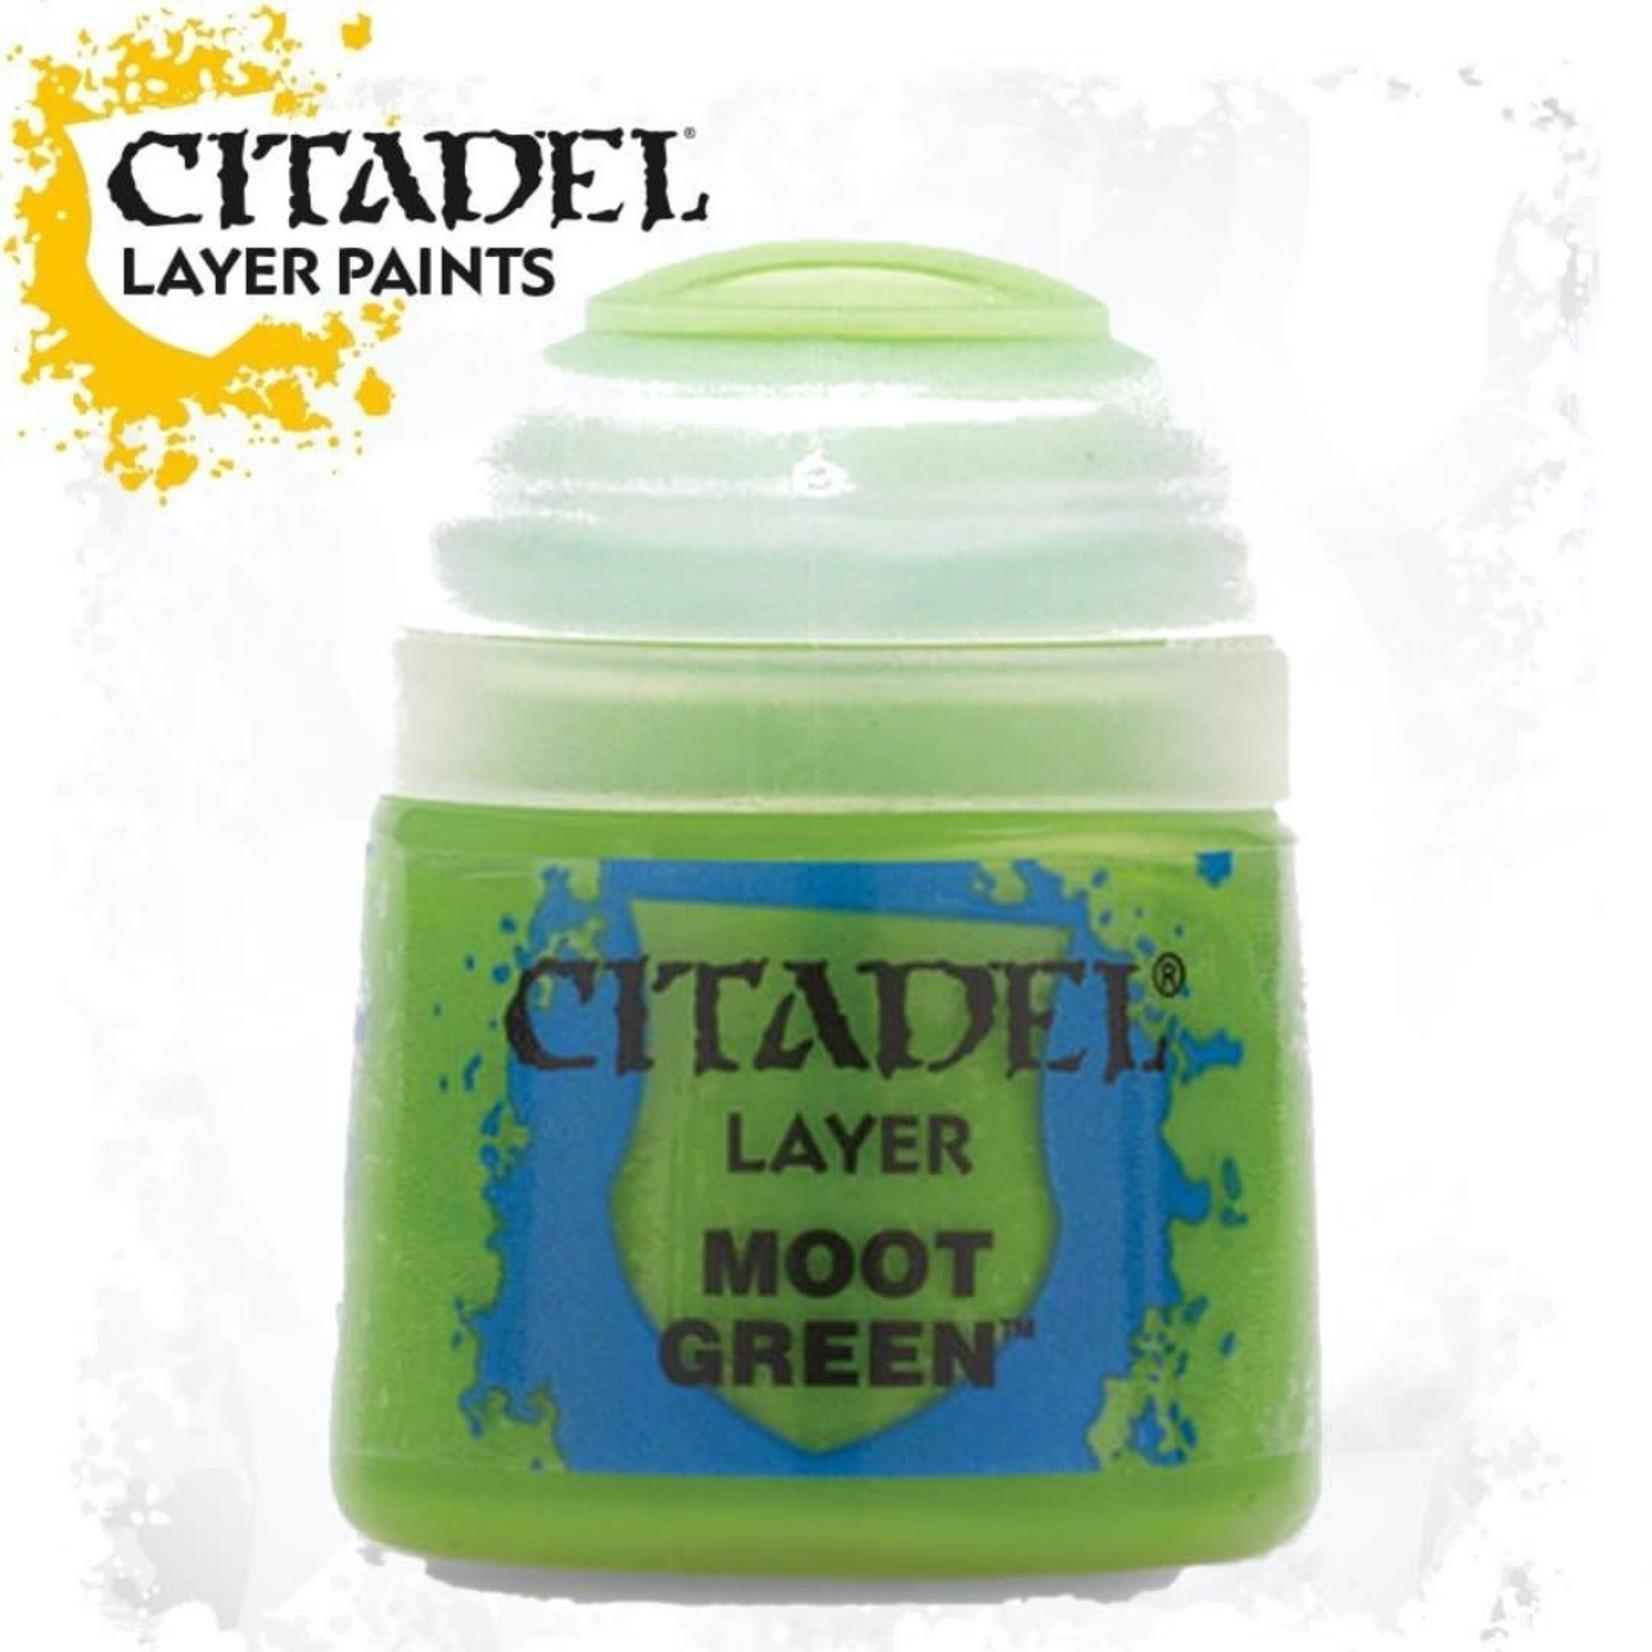 Citadel Citadel Paint - Layer: Moot Green